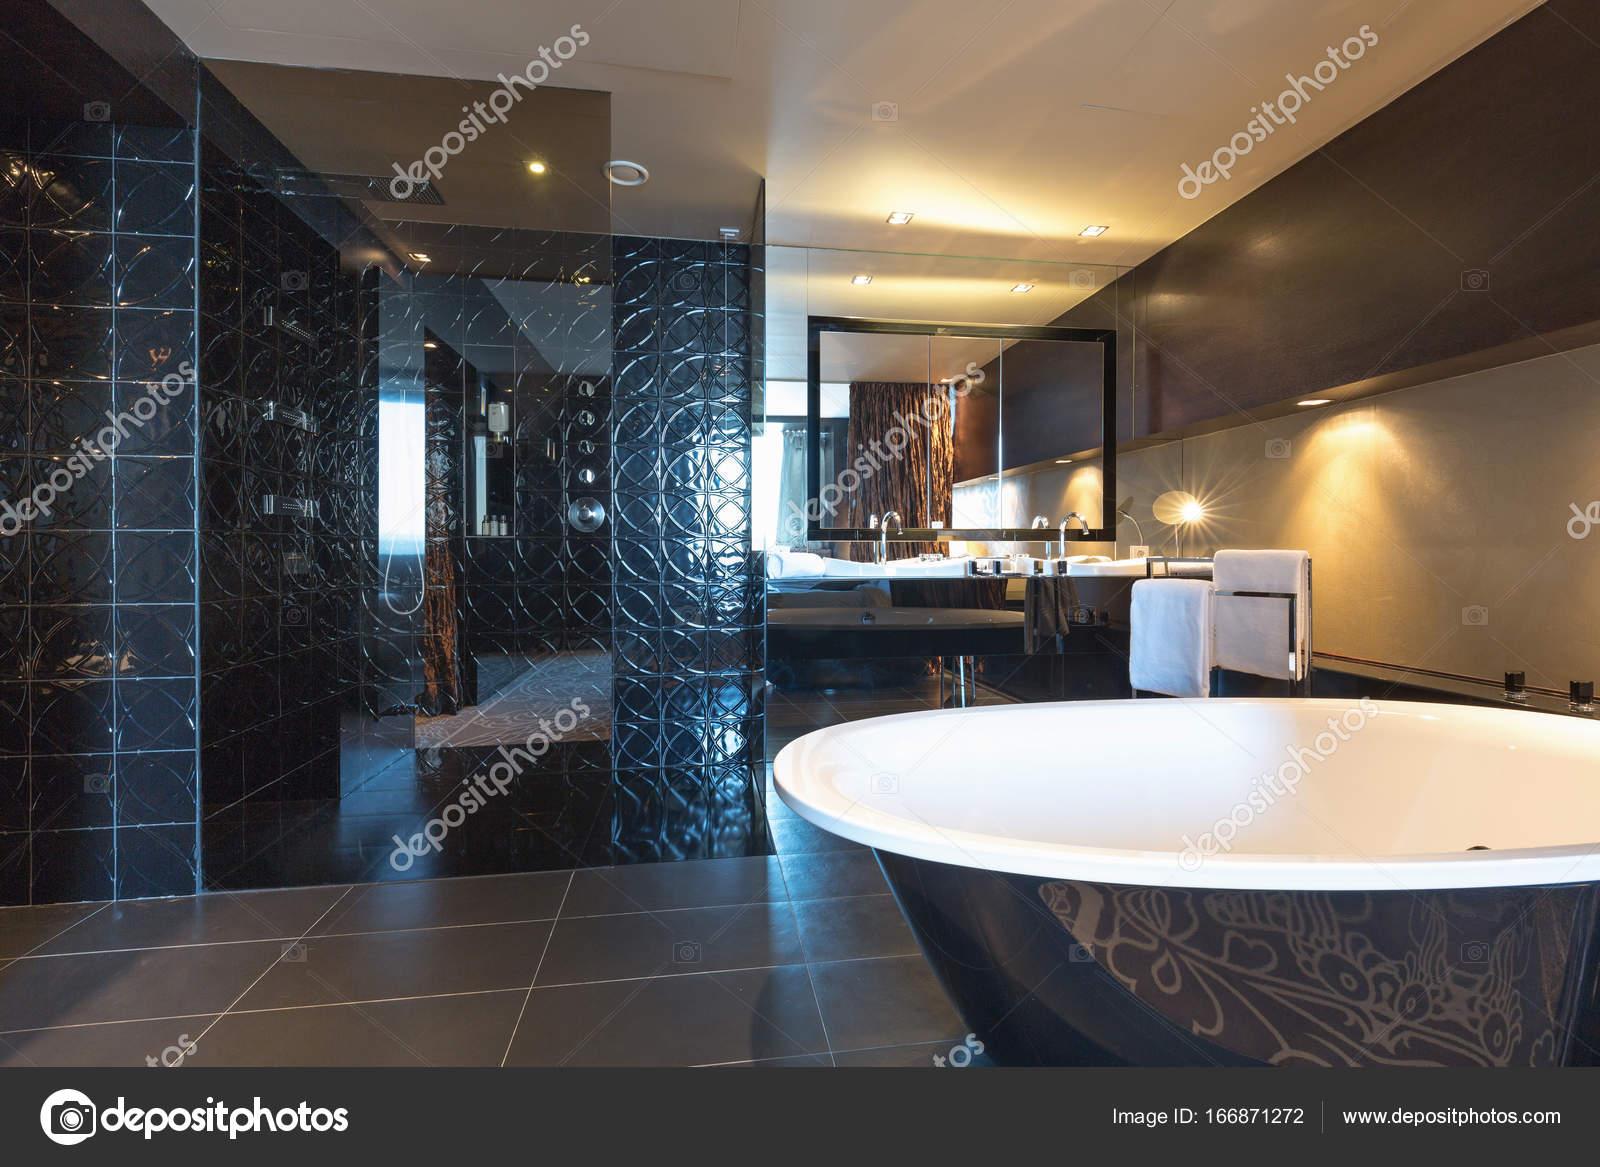 Luxe Badkamer Interieur : Luxe badkamer interieur u2014 stockfoto © rilueda #166871272